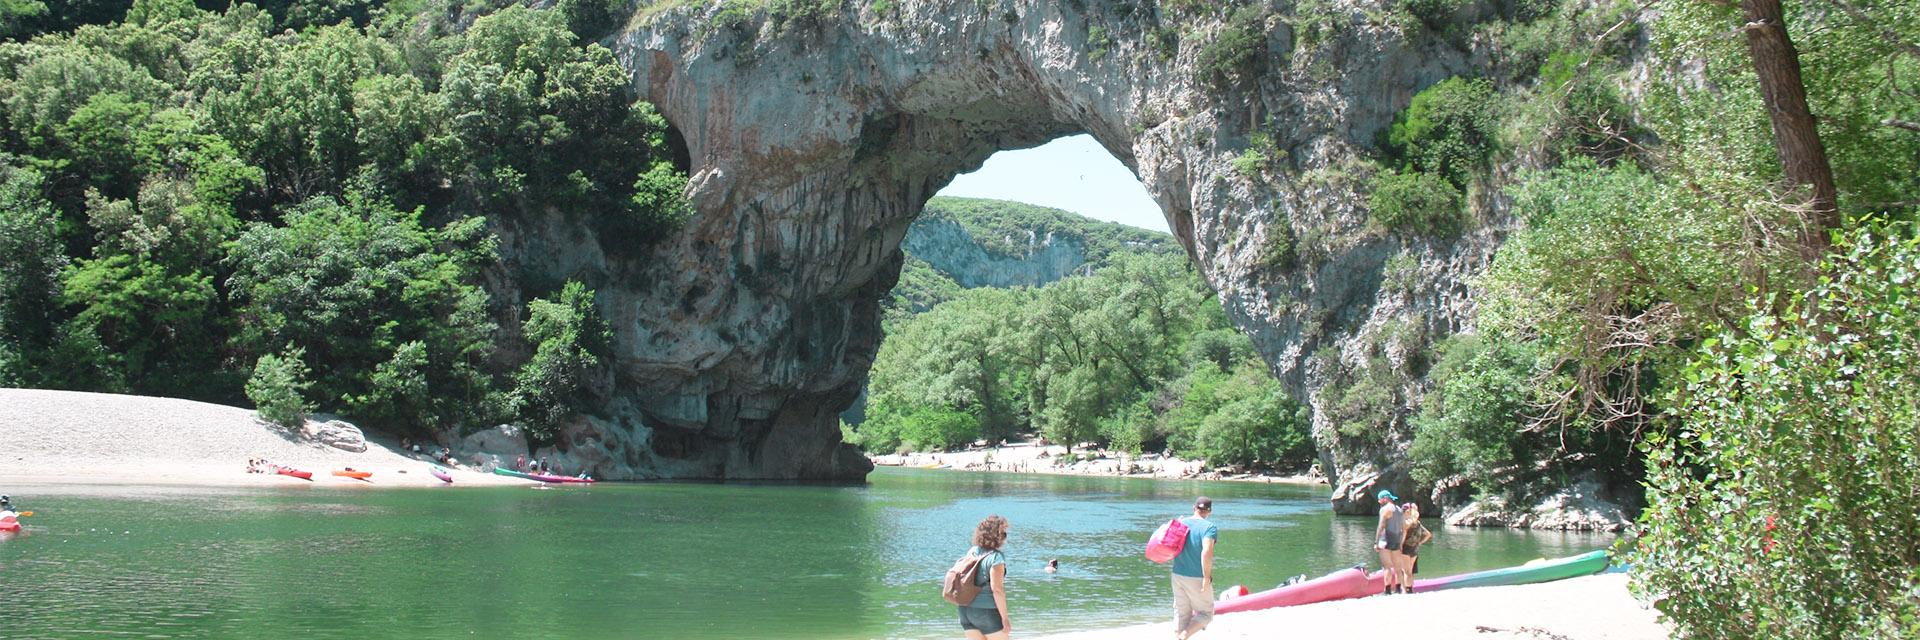 Village_club_vacances_aveyron-cantal-ardèche-au-gai-logis-pont-arc-riviere-Ardeche